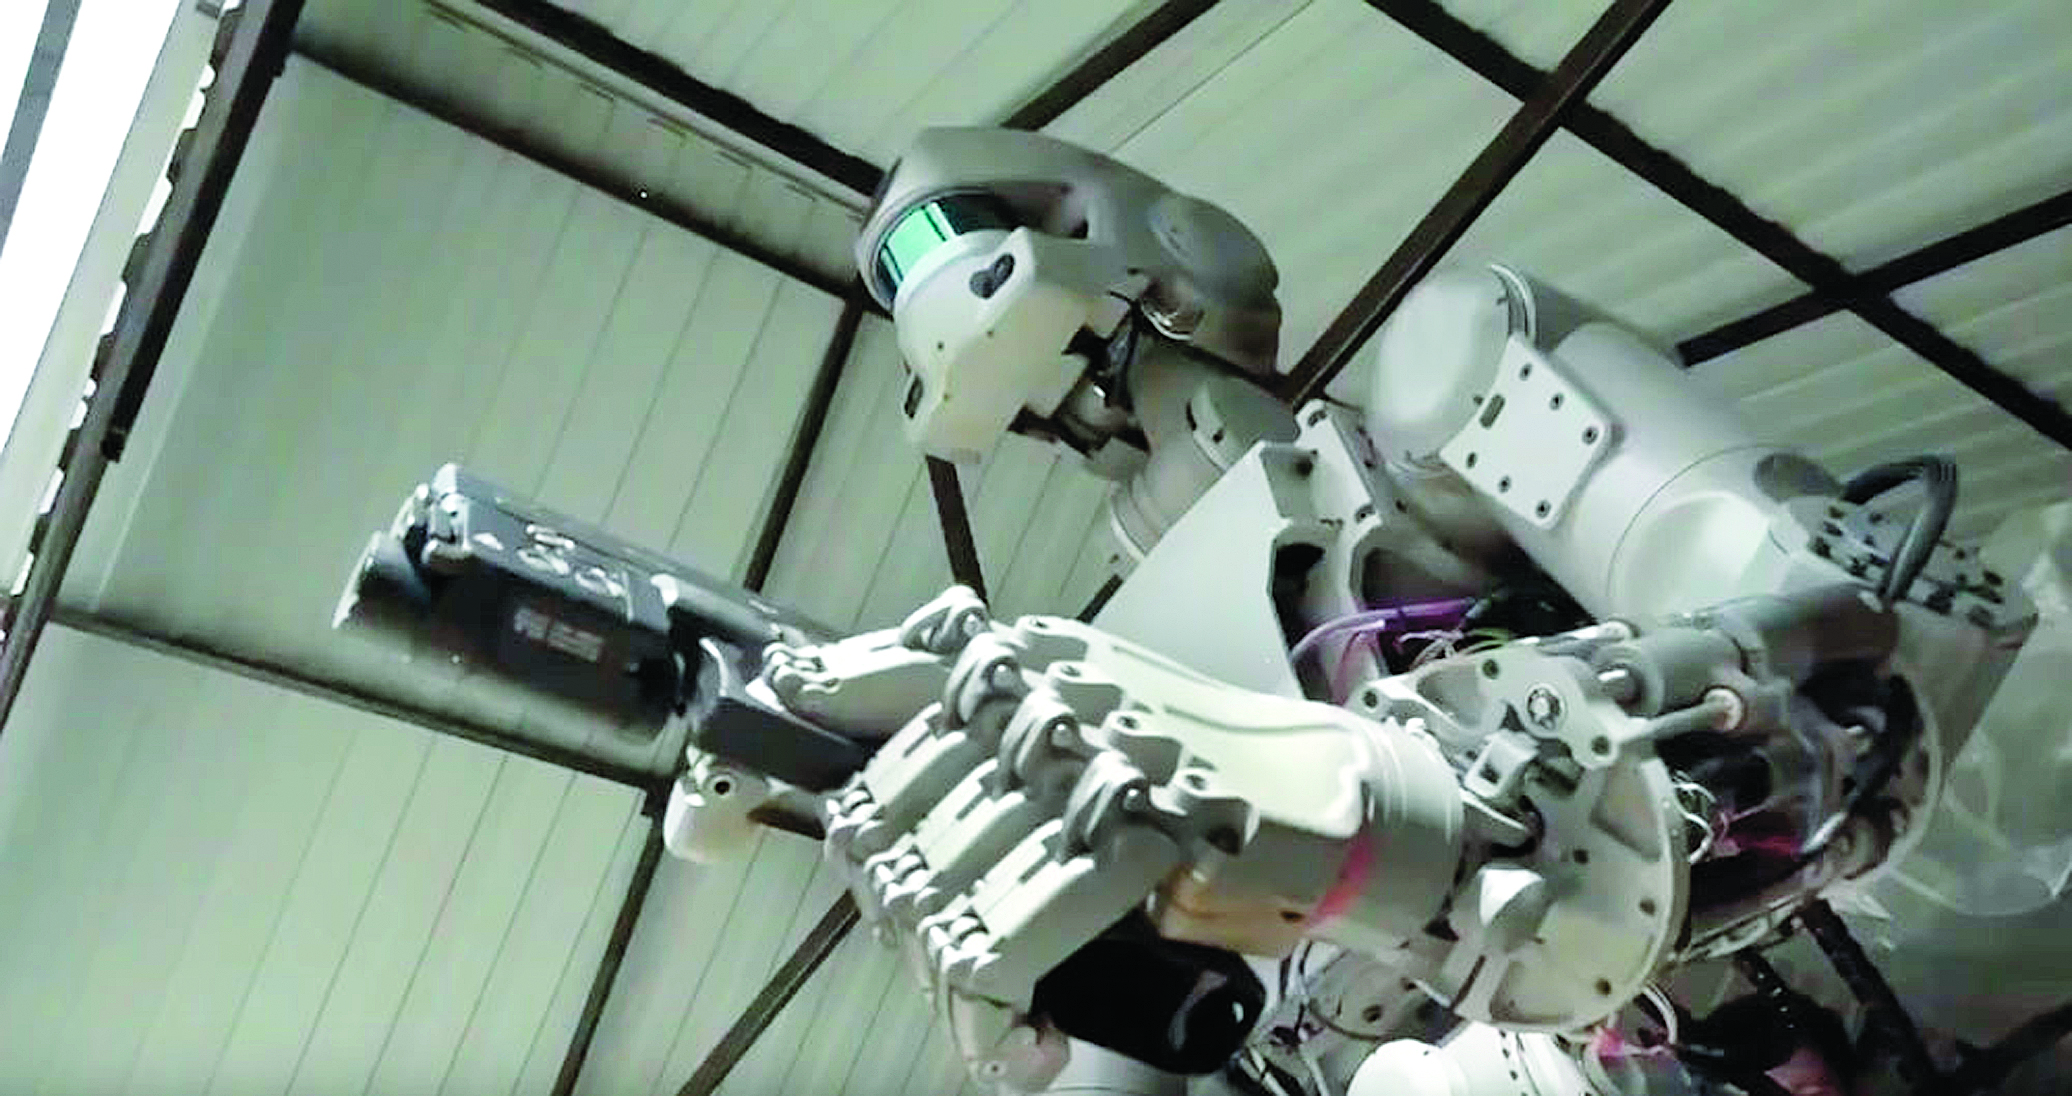 Líderes industriais da inteligência artificial querem o seu fim — Robôs assassinos